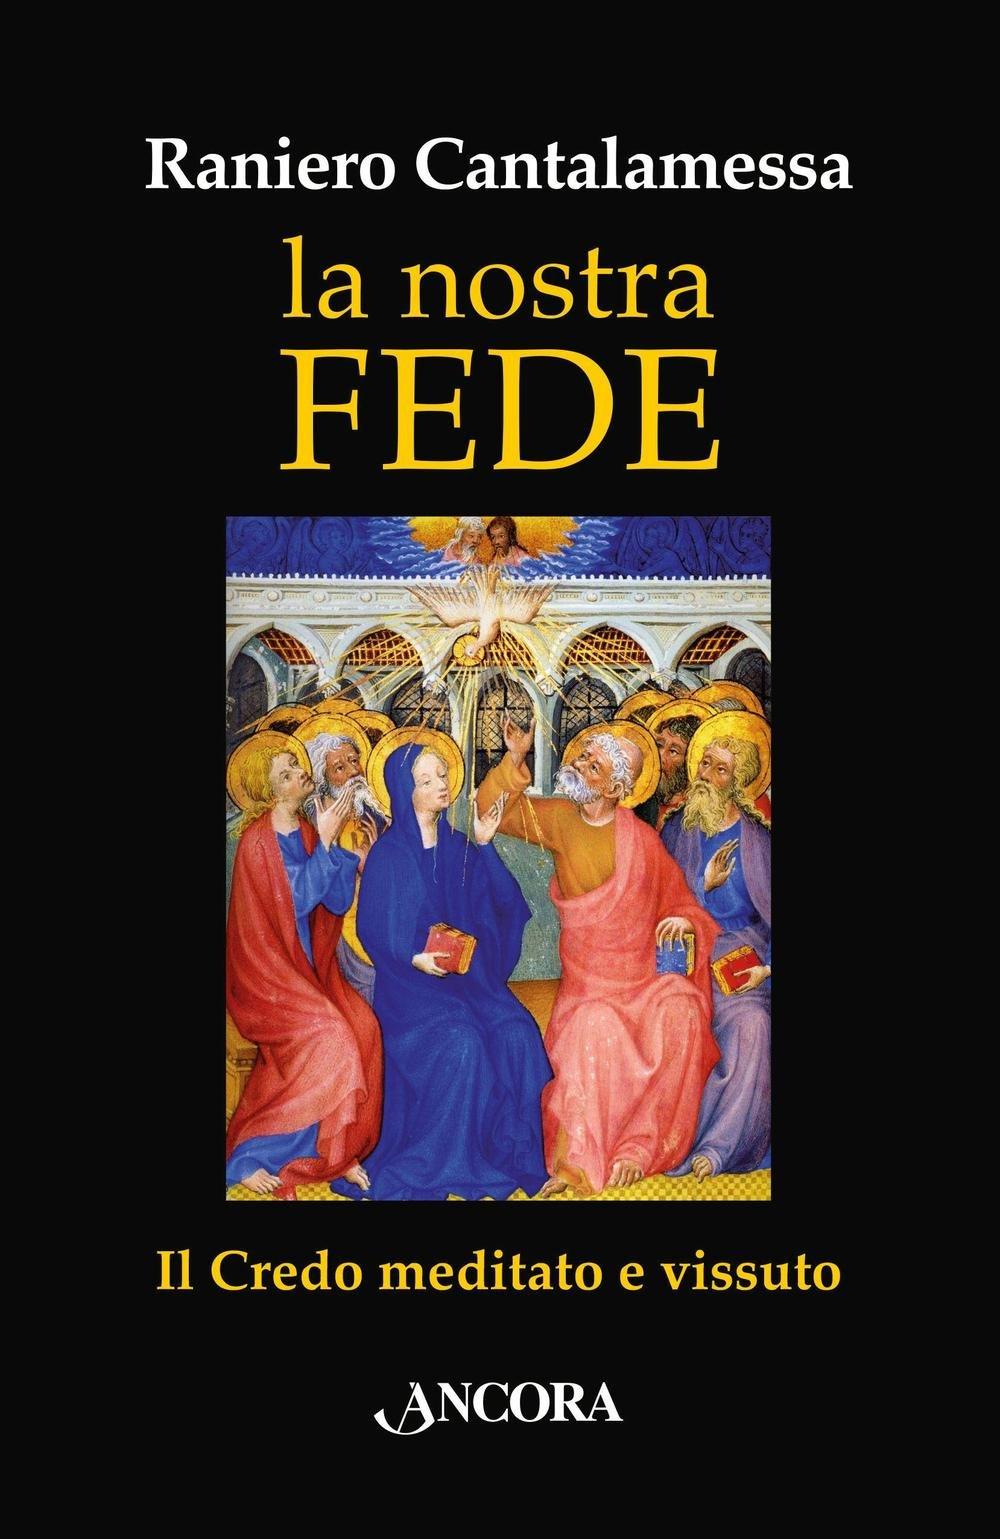 La nostra fede. Il credo meditato e vissuto Copertina flessibile – 11 feb 2016 Raniero Cantalamessa Ancora 8851416435 TEOLOGIA MORALE CRISTIANA